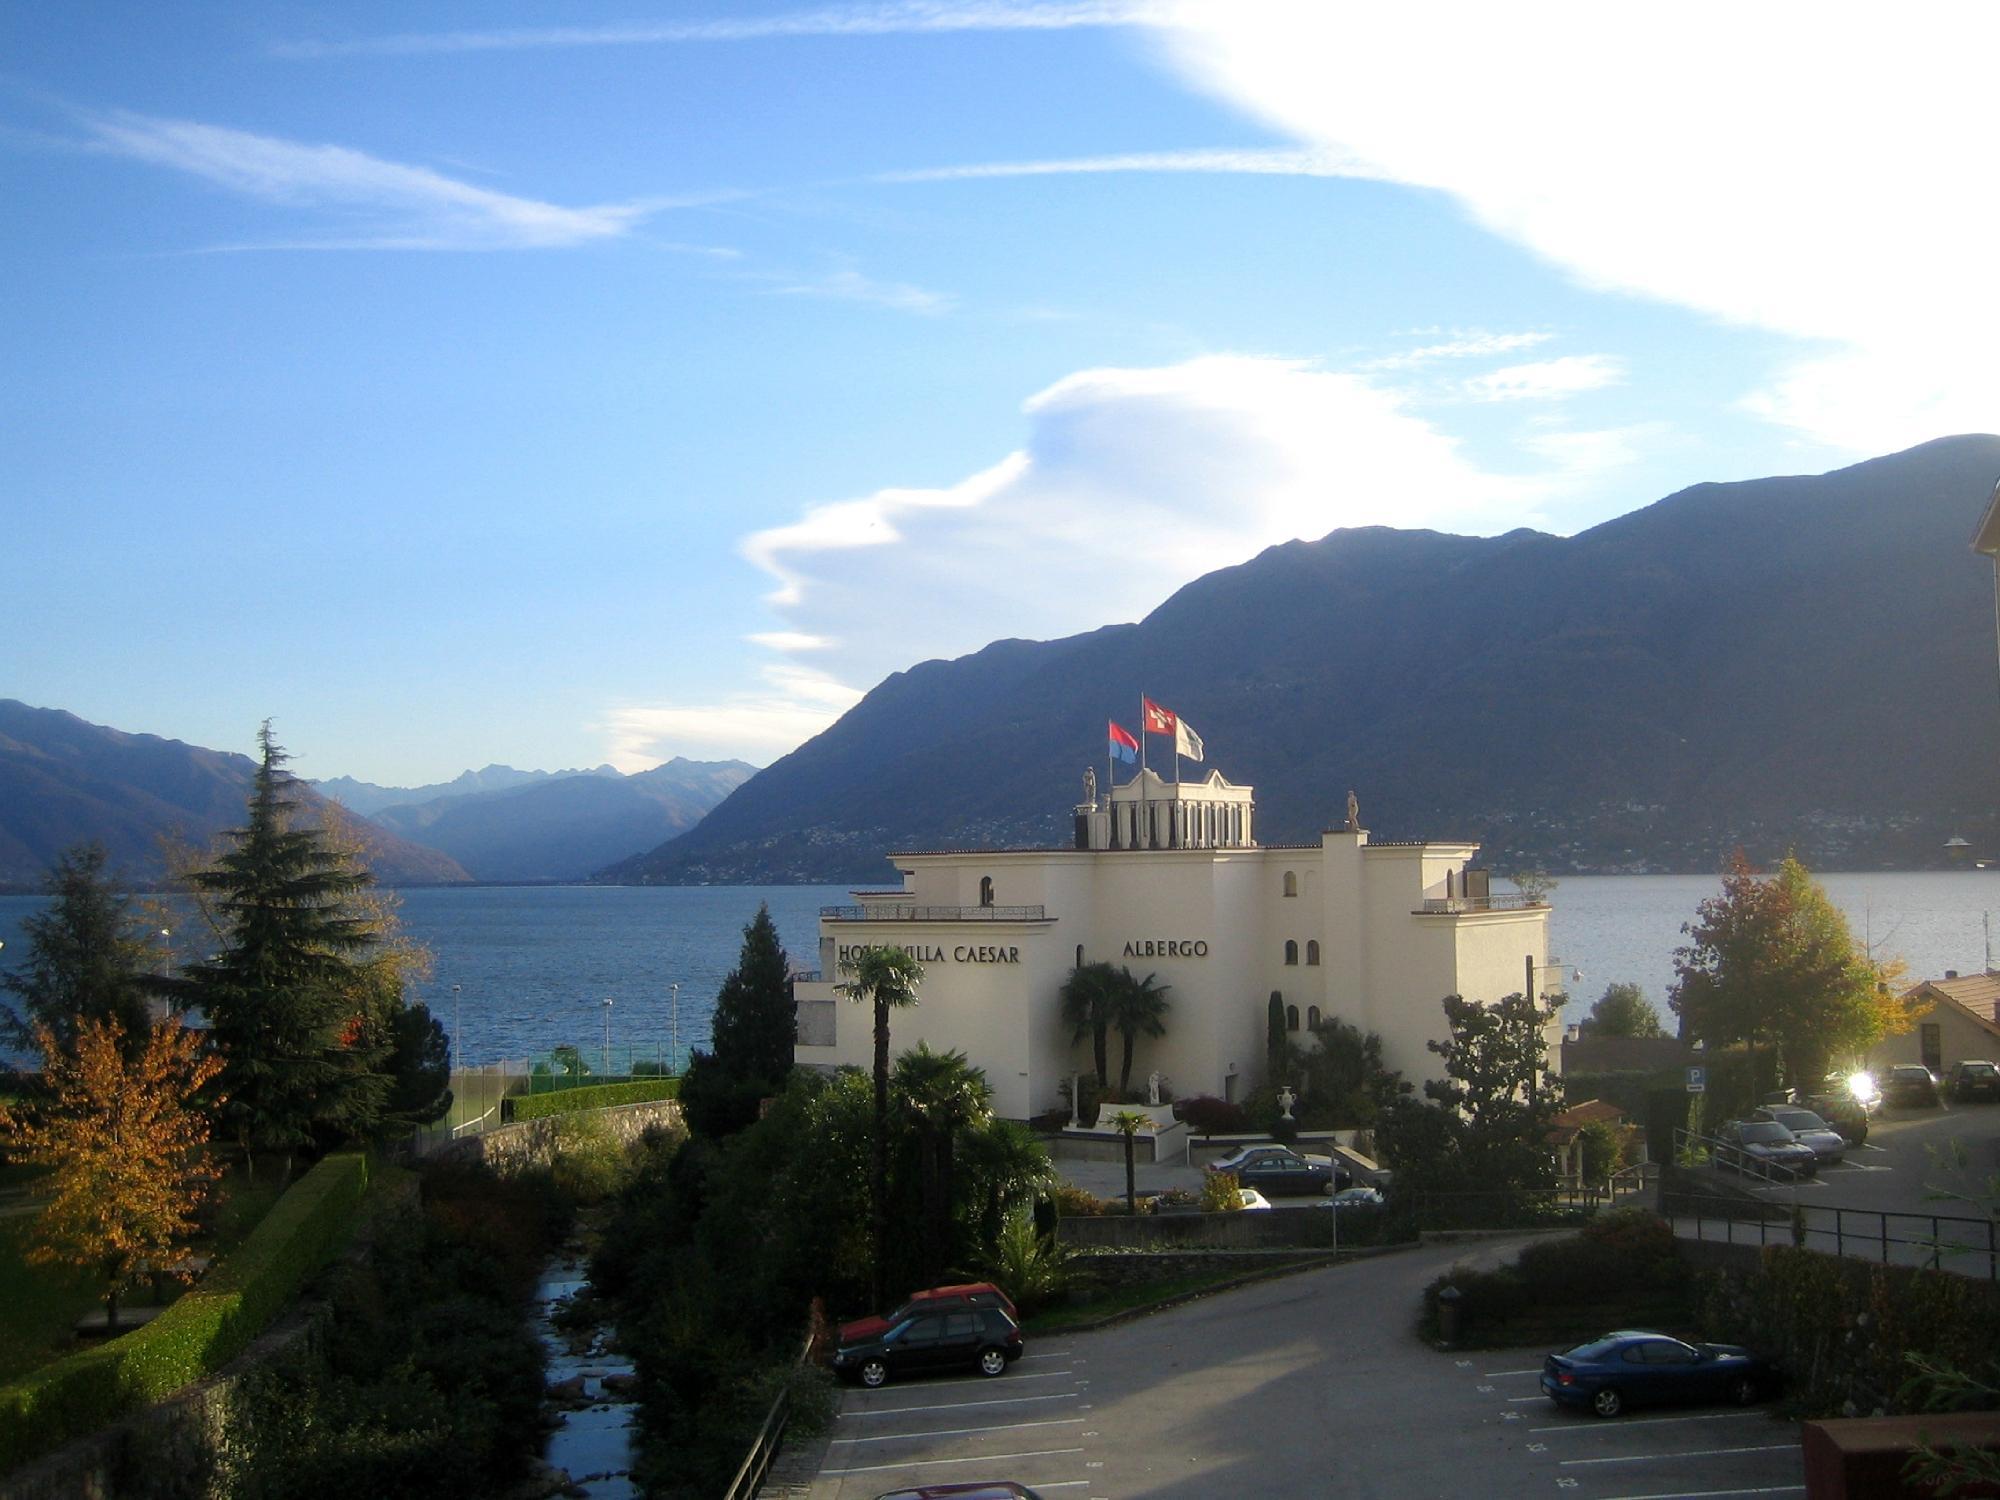 Hotel Villa Caesar